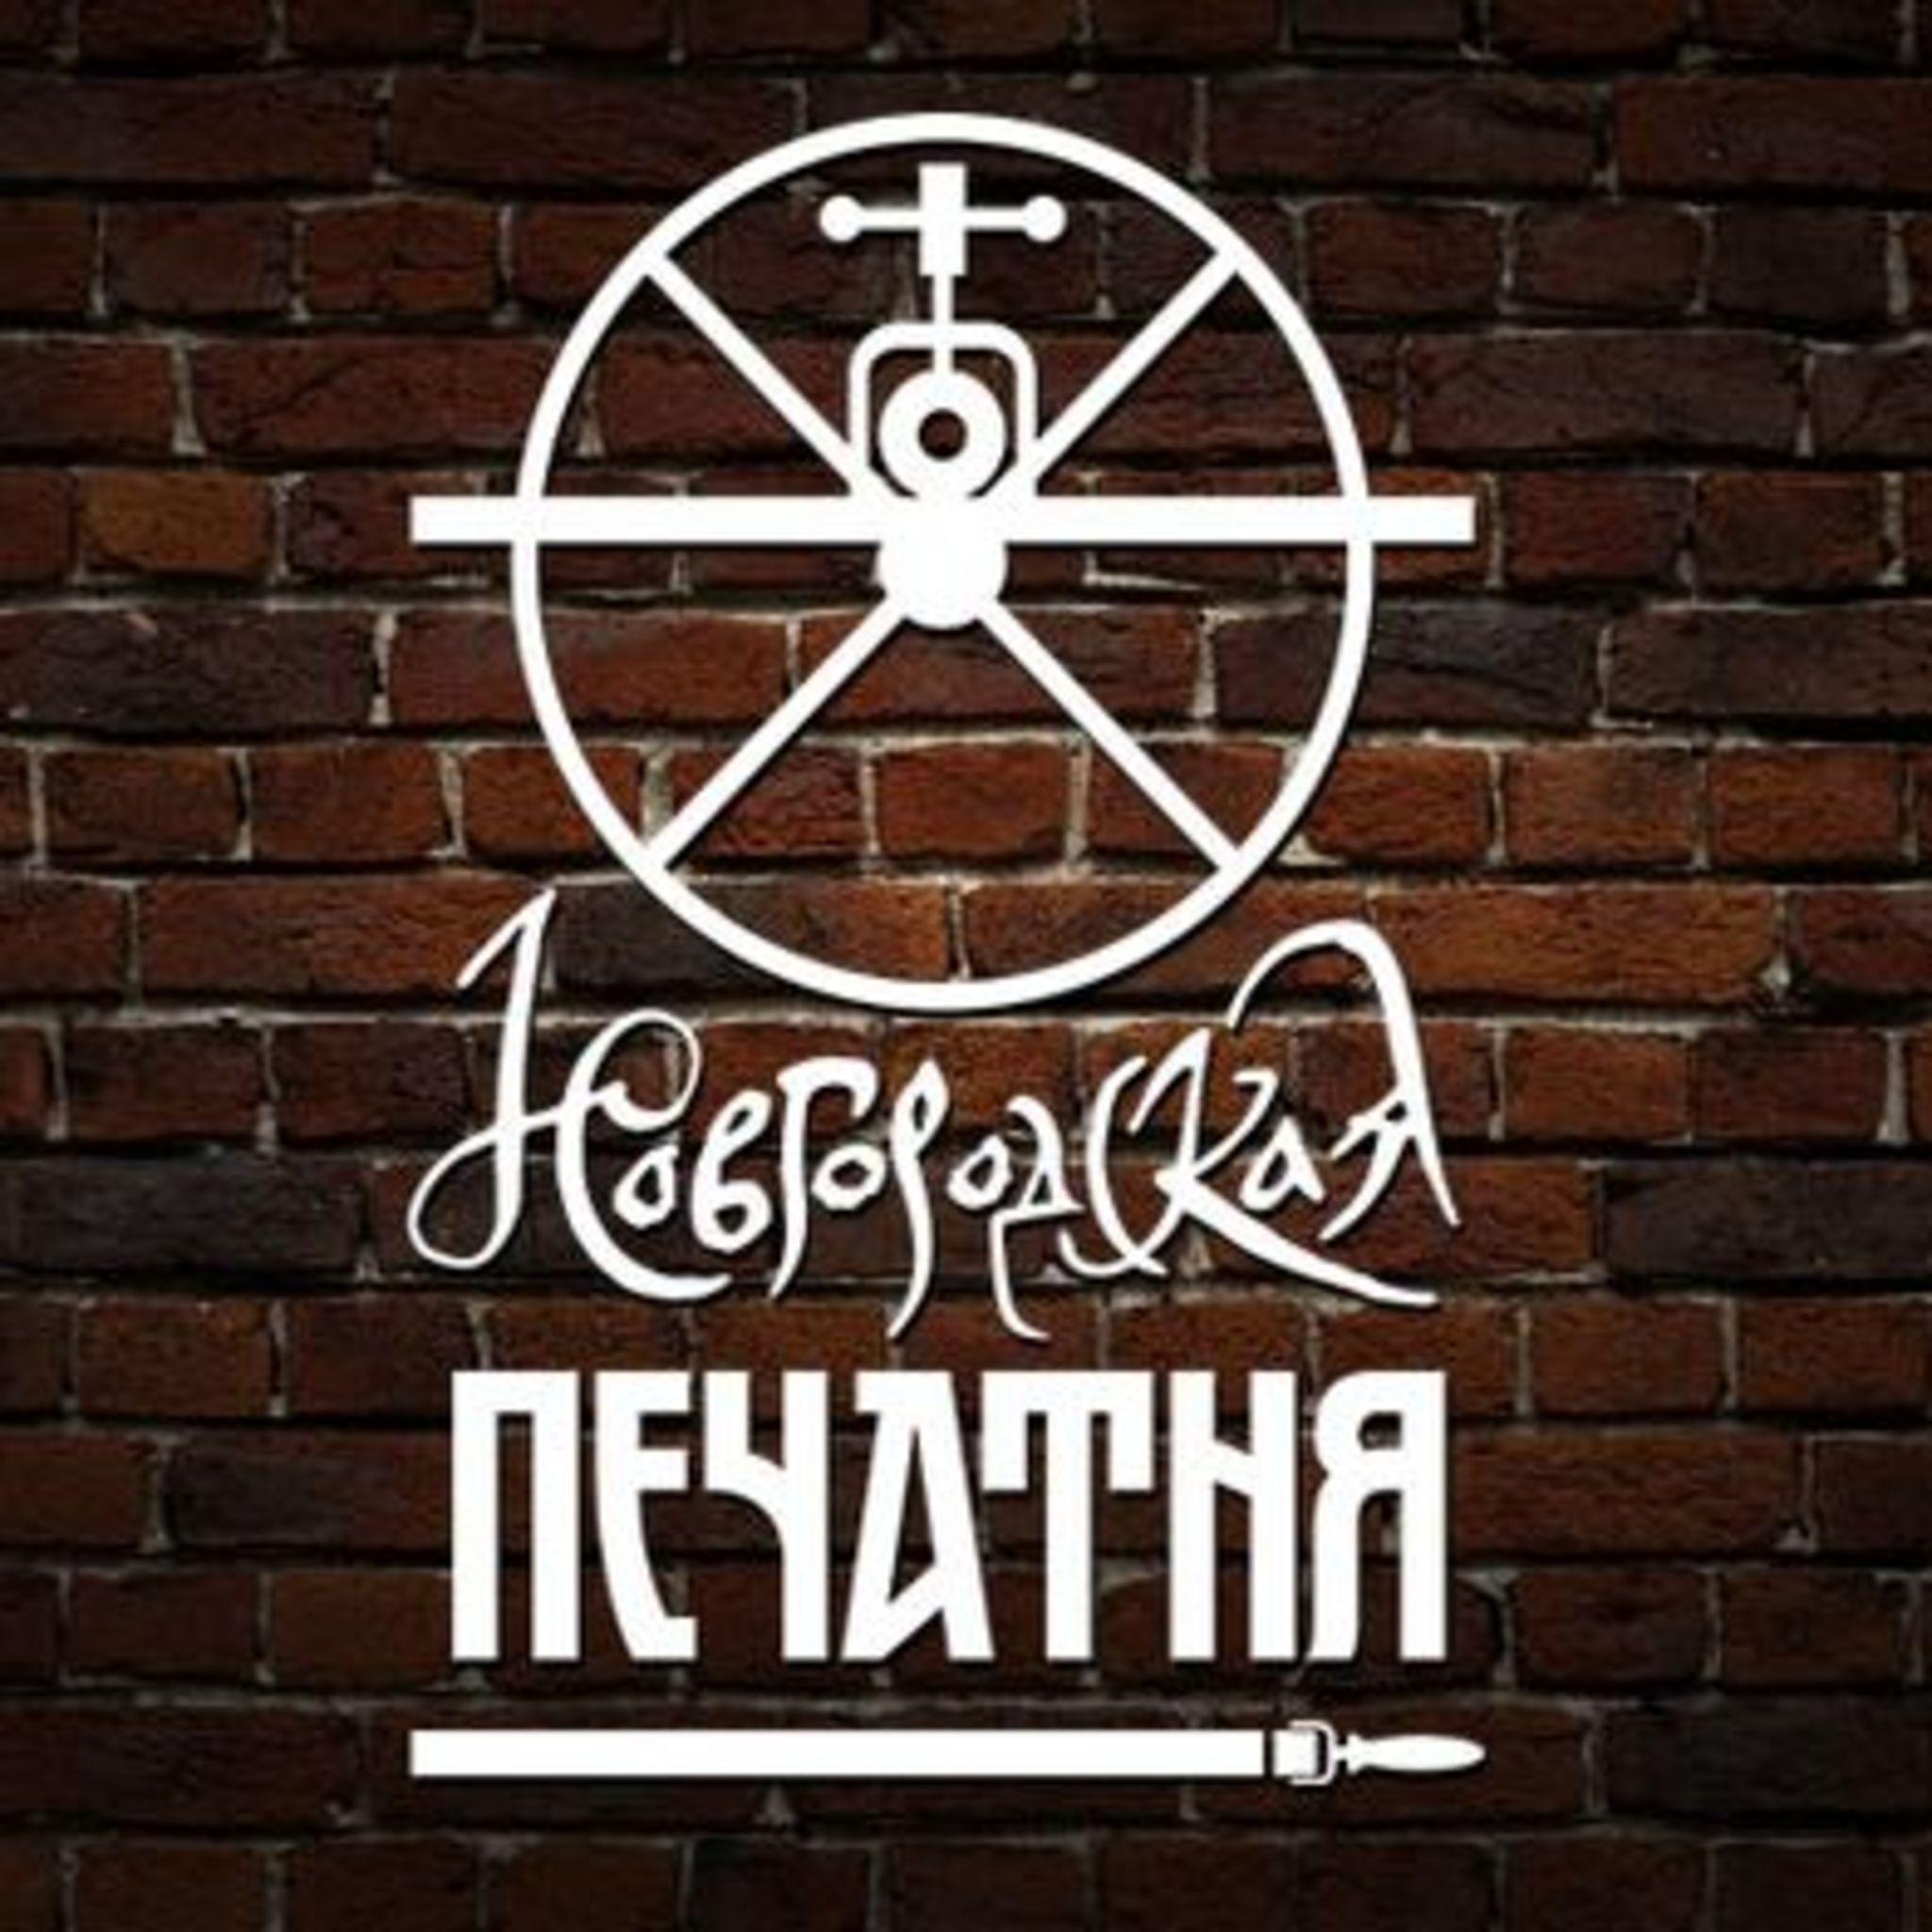 Новгородская печатня